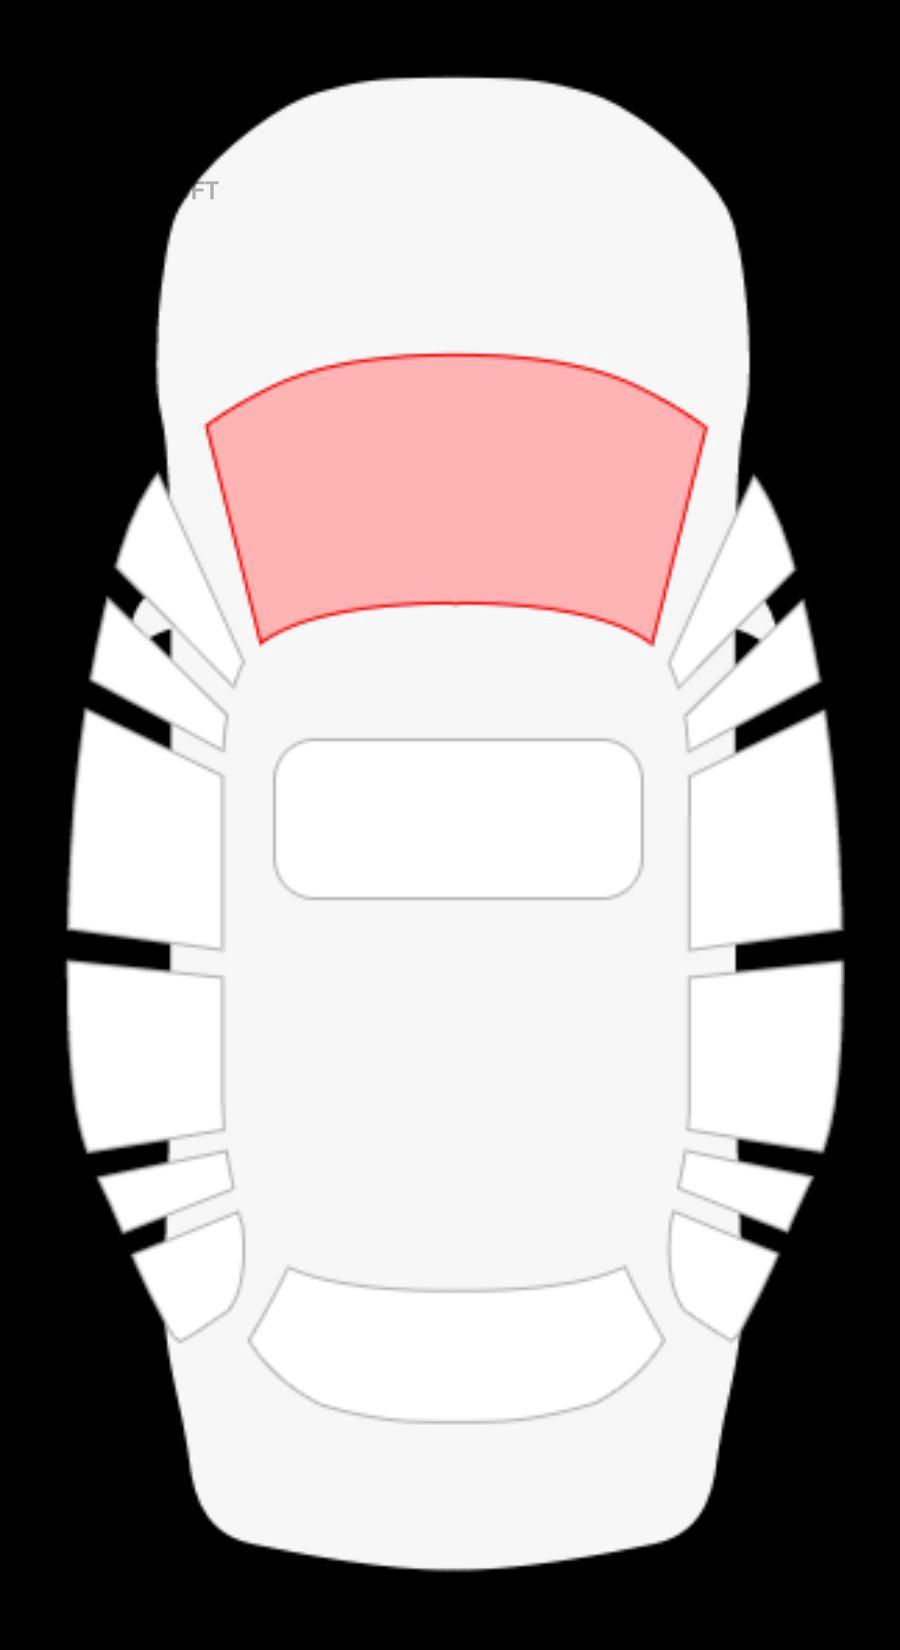 Honda CRV III 5D универсал (без полосы)